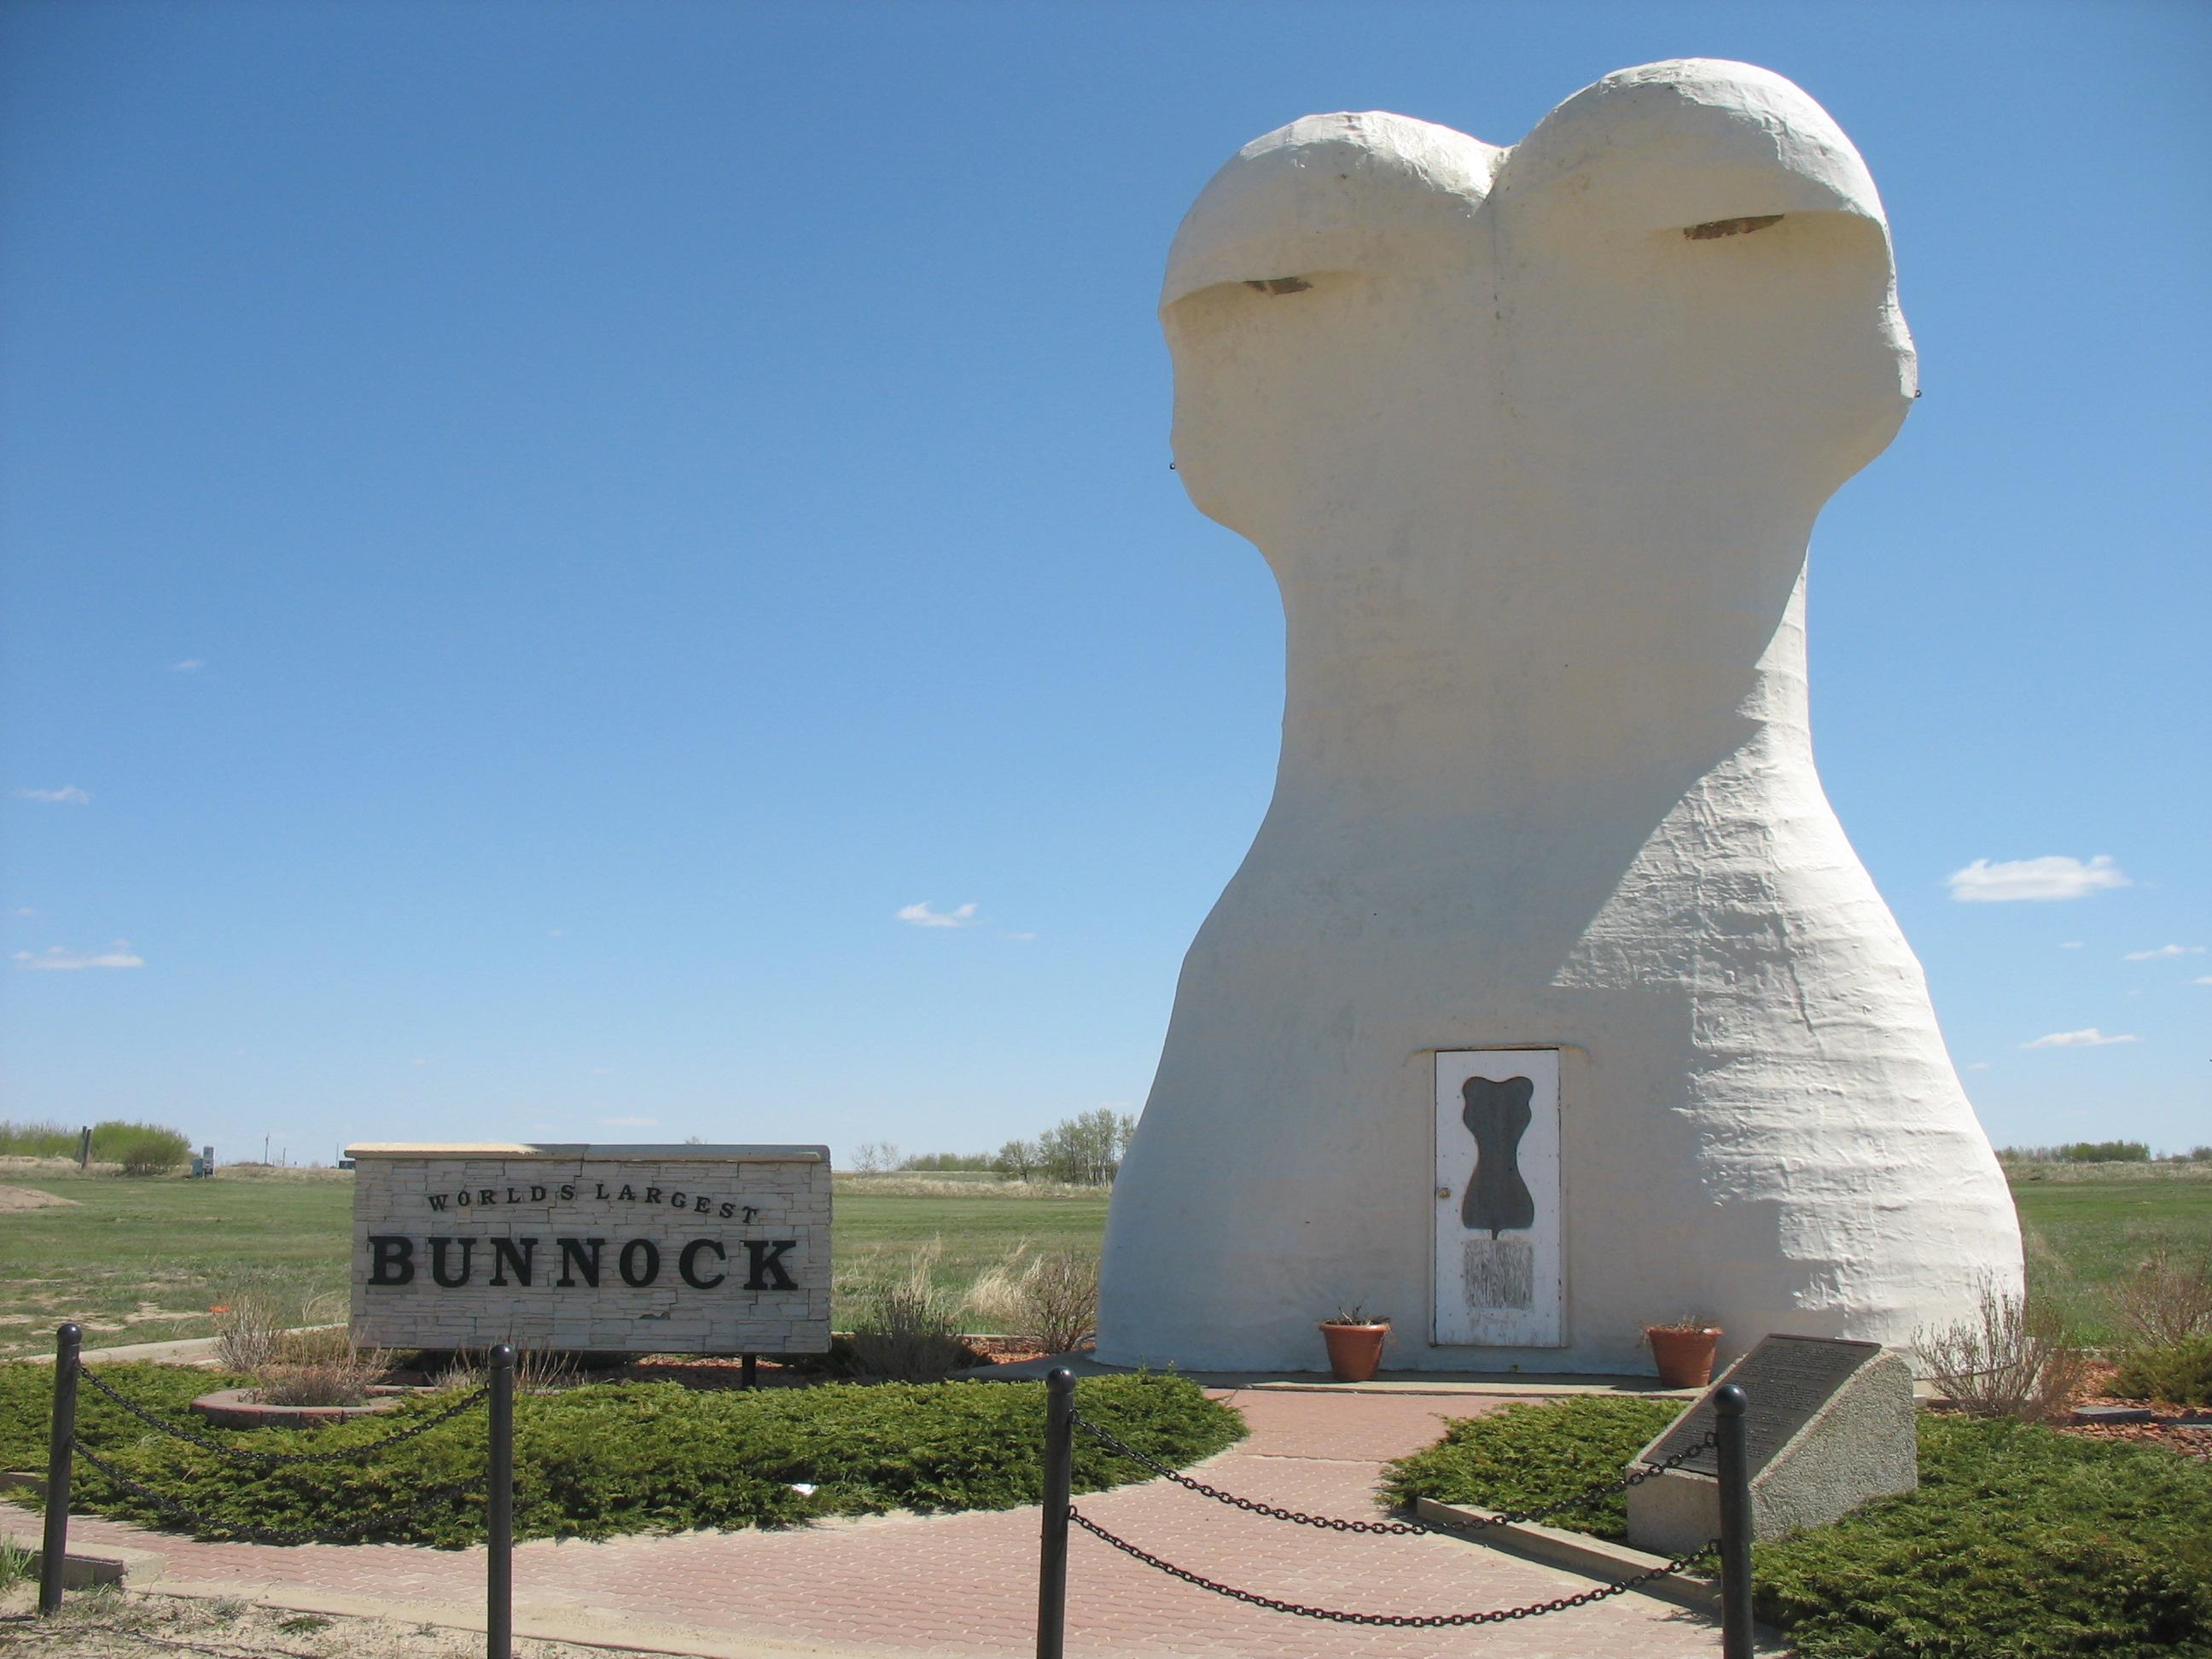 Bunnock